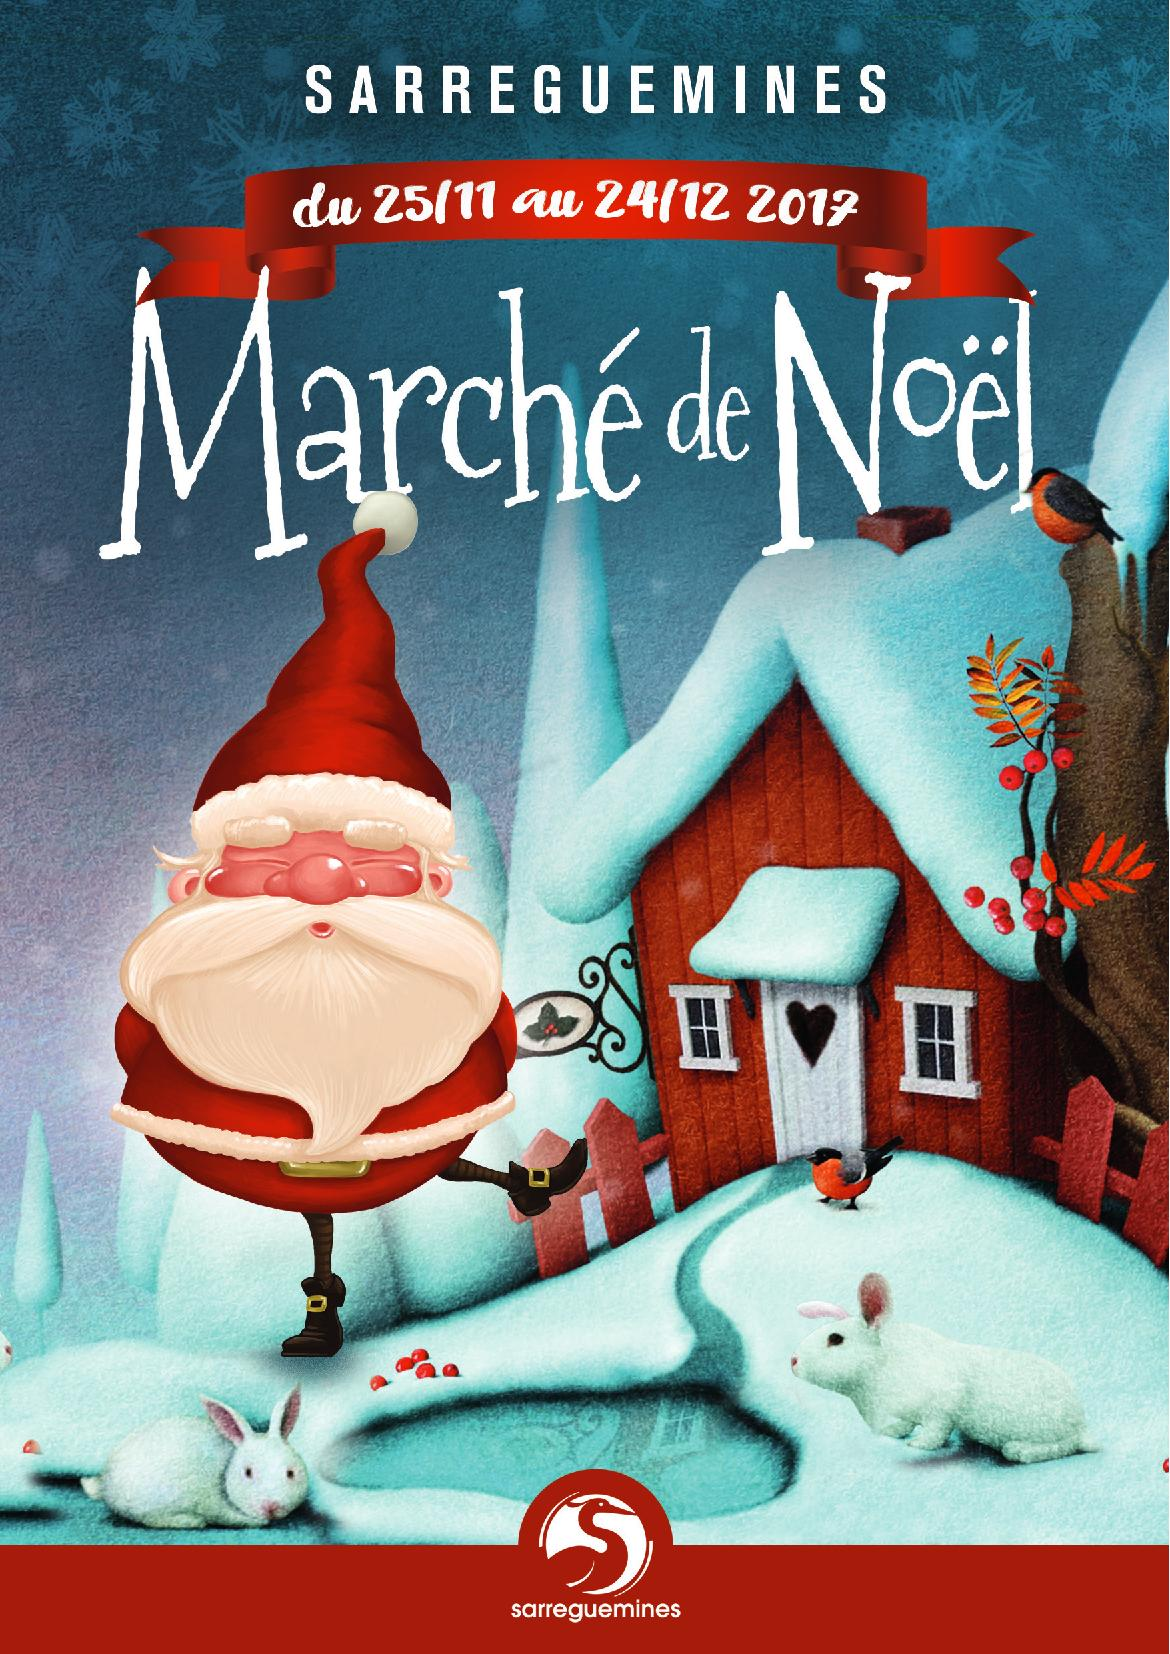 Marché de Noël Sarreguemines 2017